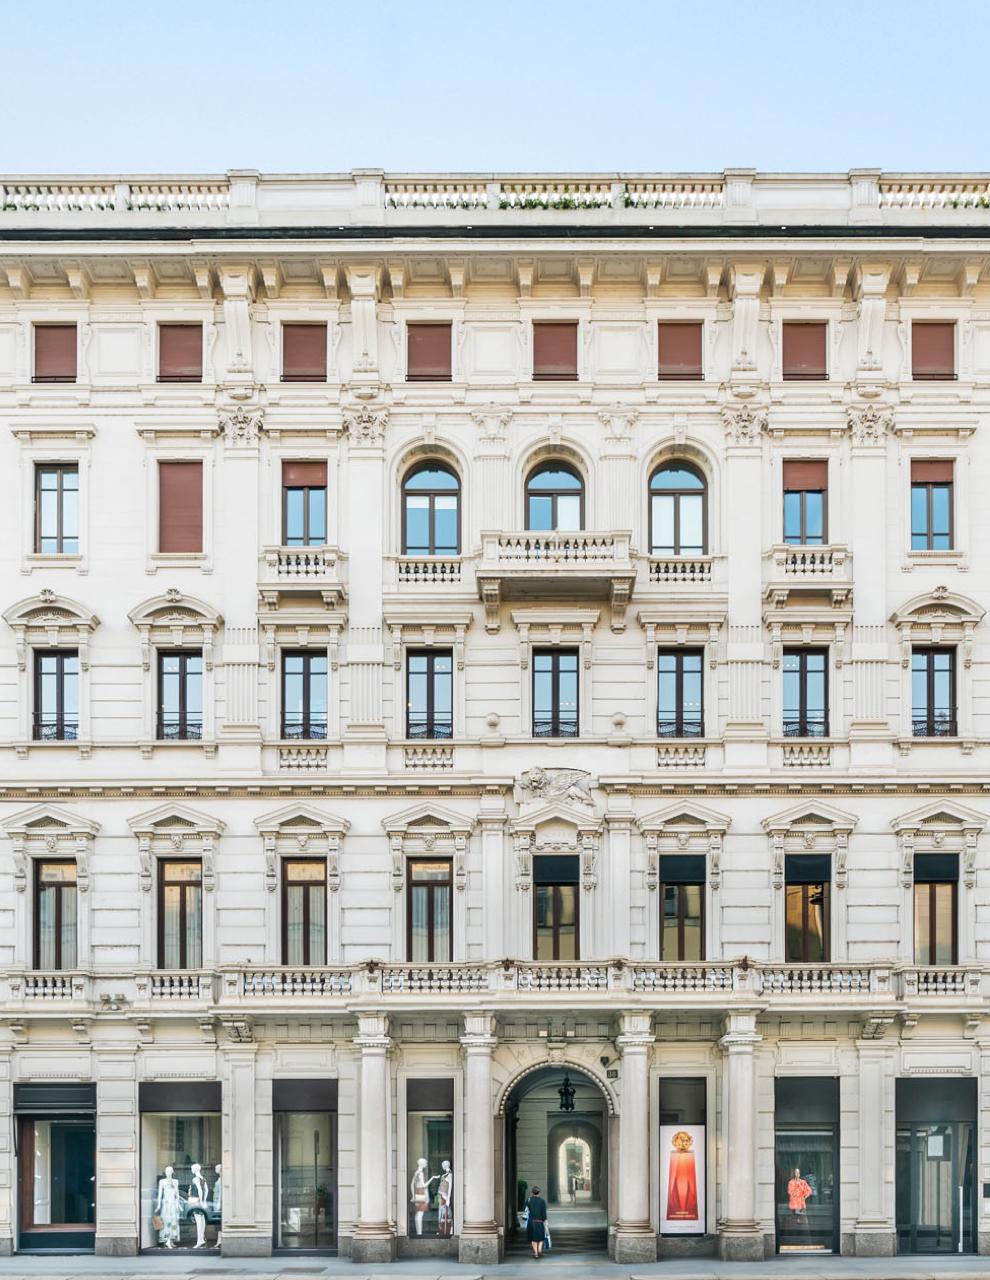 Anteprima Manzoni 38 Milano - Immobili Cittamoderna